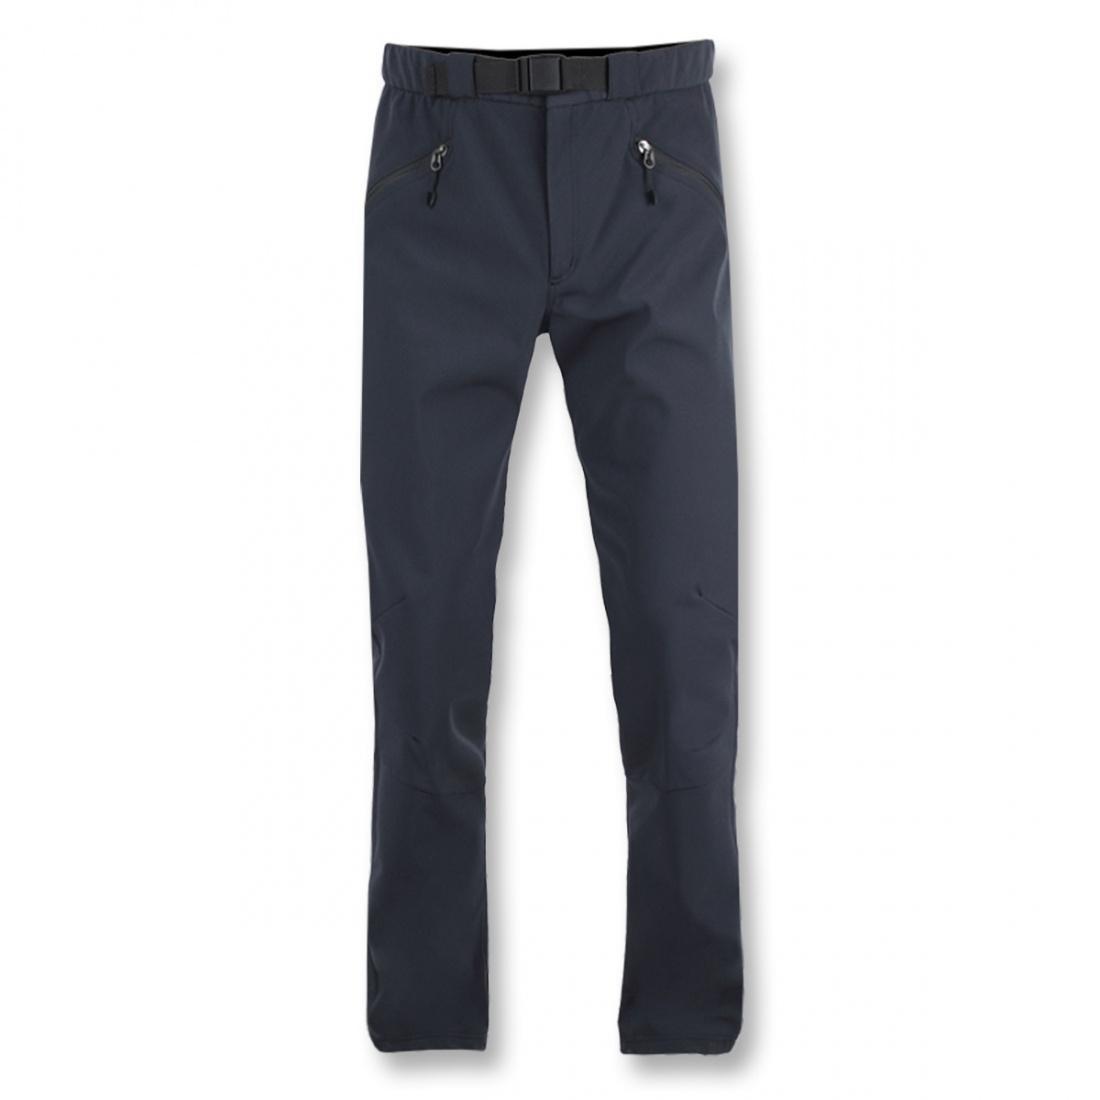 Брюки Spirit МужскиеБрюки, штаны<br><br> Комфортные брюки спортивного кроя, выполнены из материала класса Soft shell с микрофлисовой подкладкой.<br><br><br> <br><br><br>Материал –3L- Sof...<br><br>Цвет: Серый<br>Размер: 60